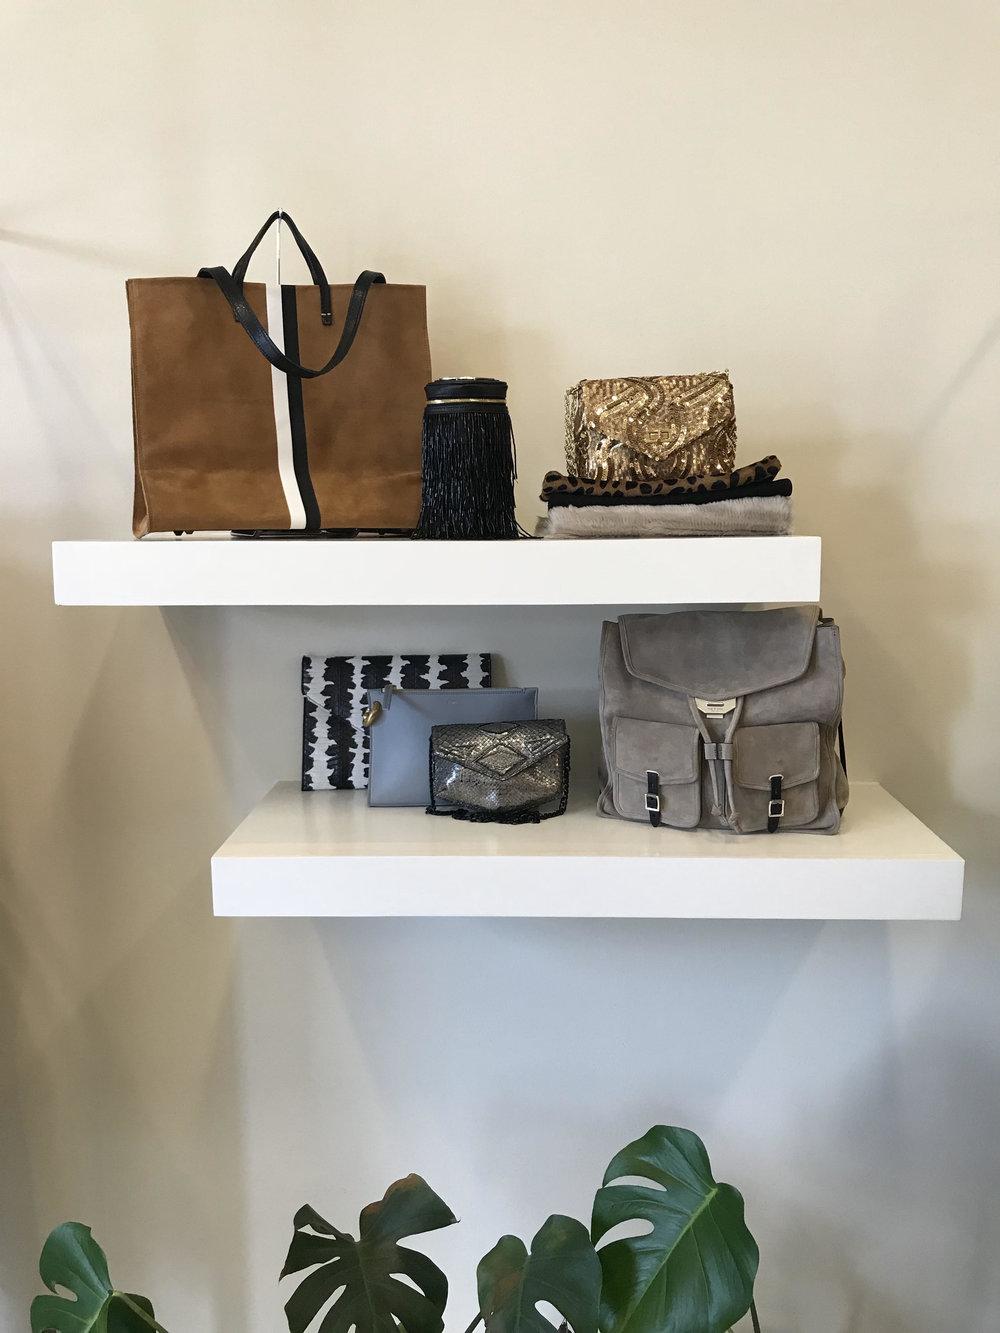 Chaos Handbag Organizing 1.jpg